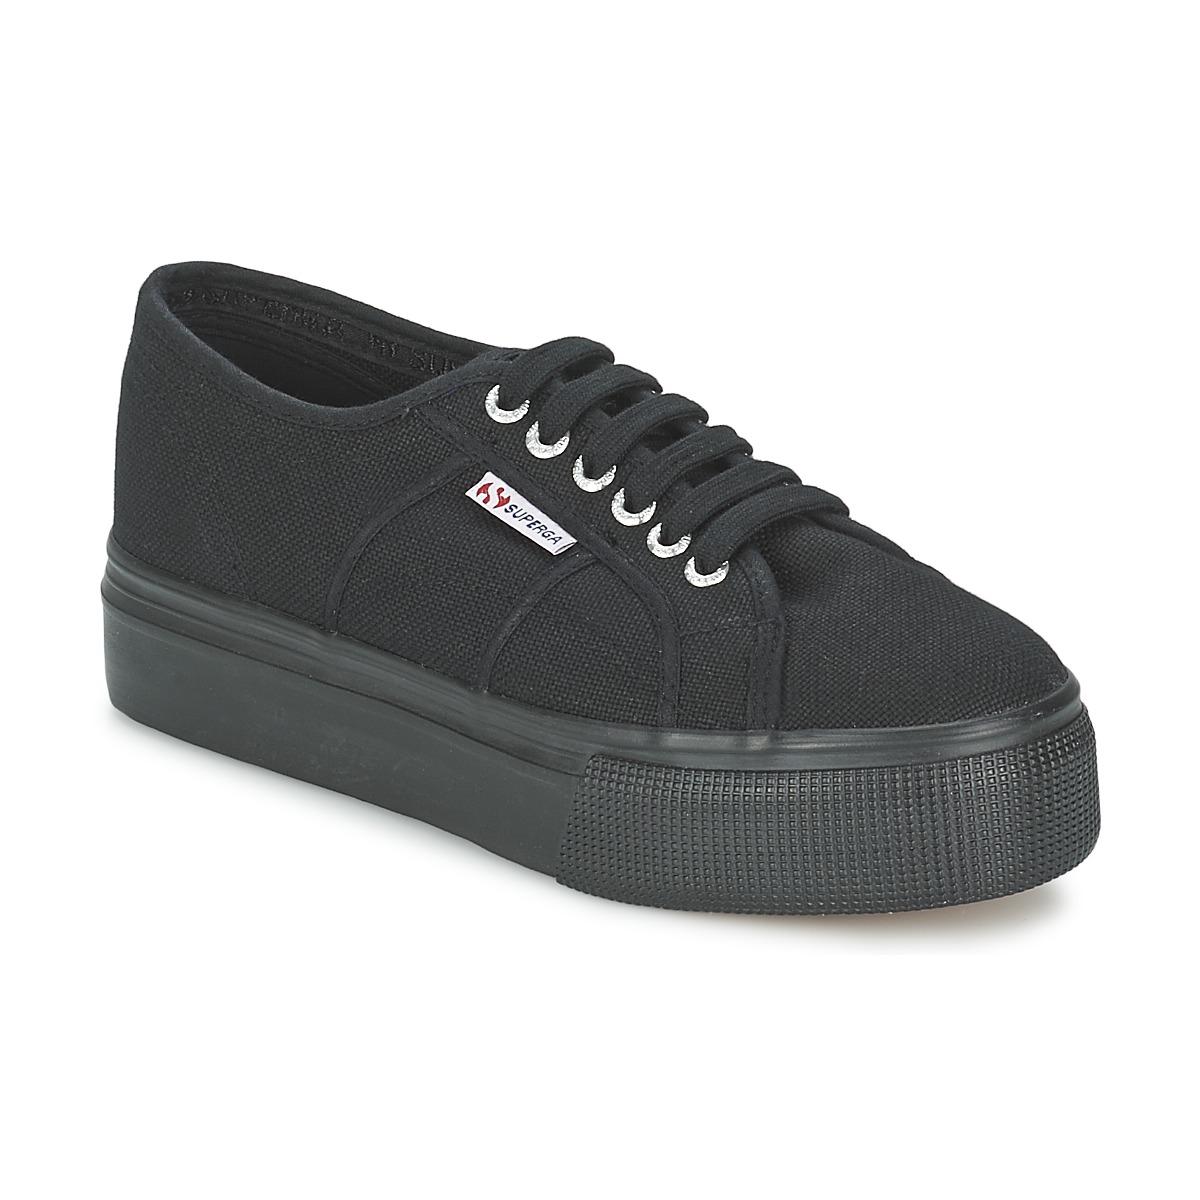 superga 2791 cotew linea noir livraison gratuite avec chaussures baskets. Black Bedroom Furniture Sets. Home Design Ideas